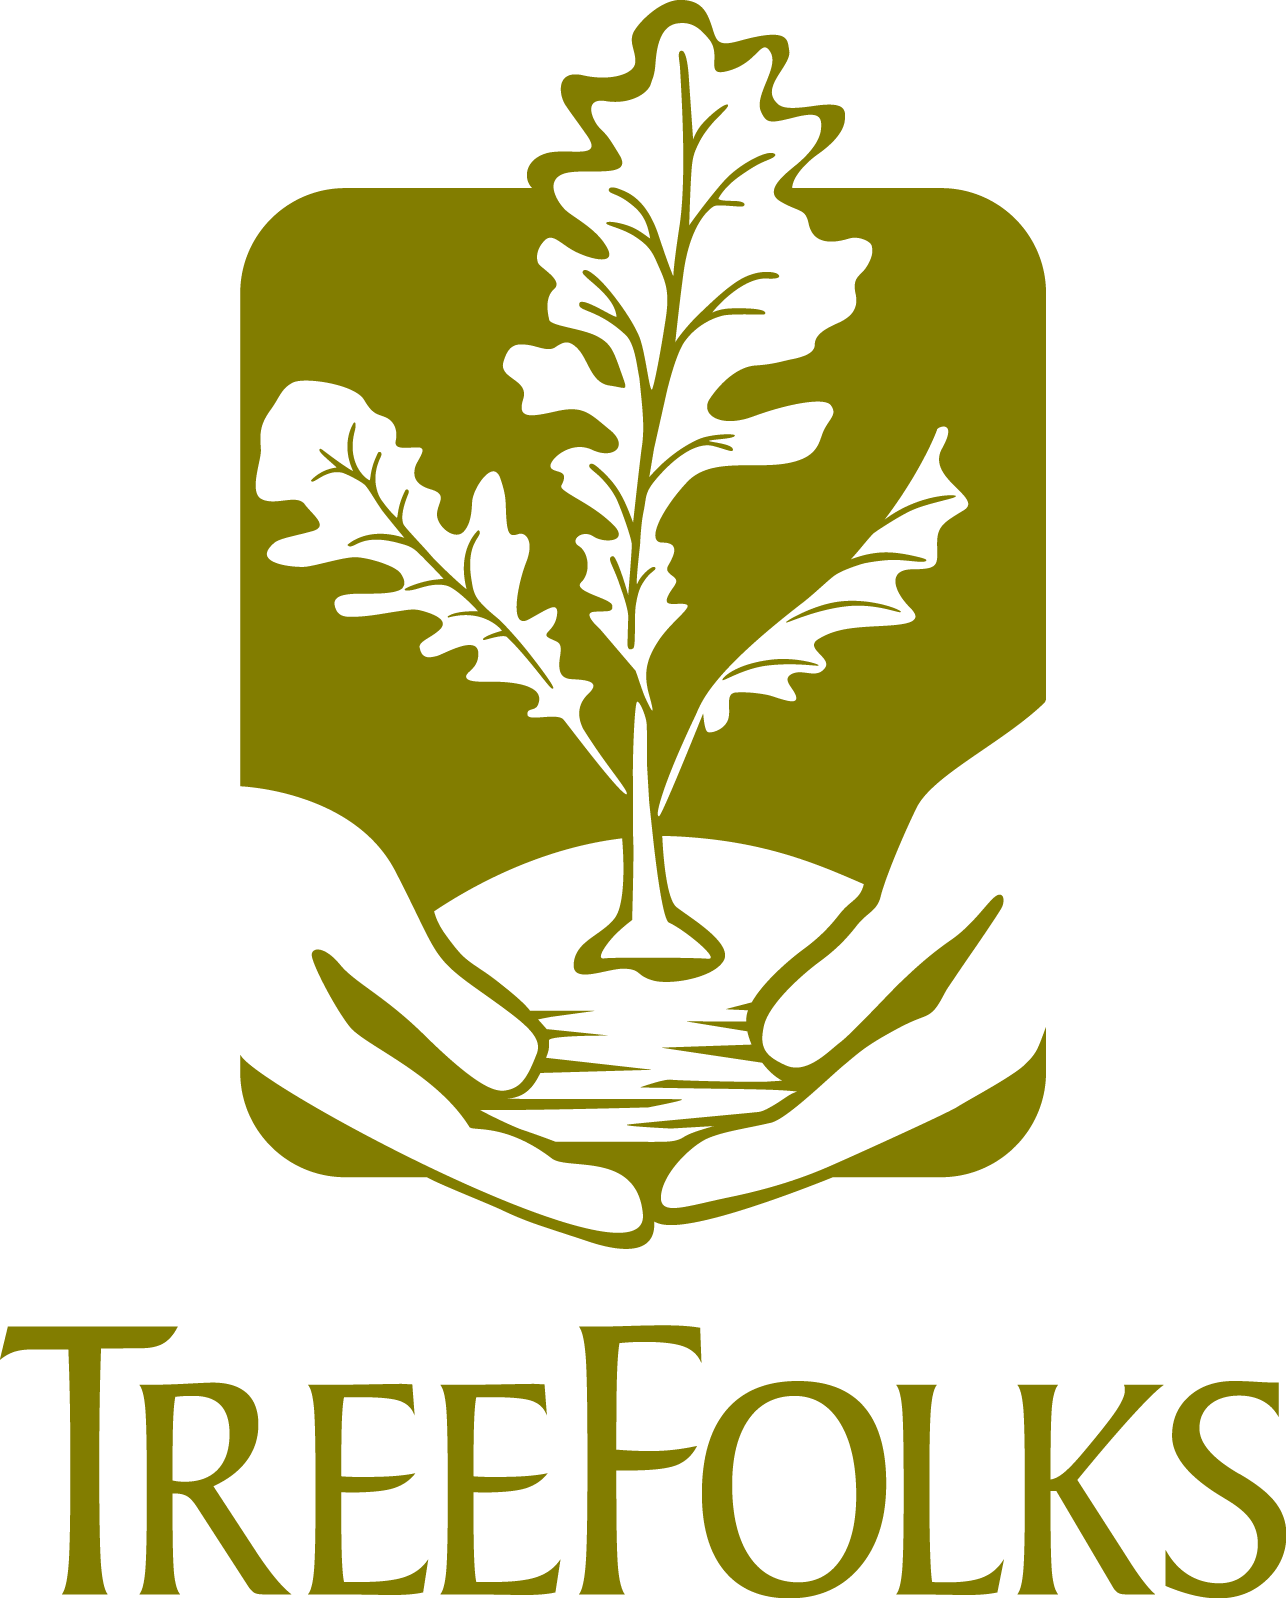 TreeFolks.png